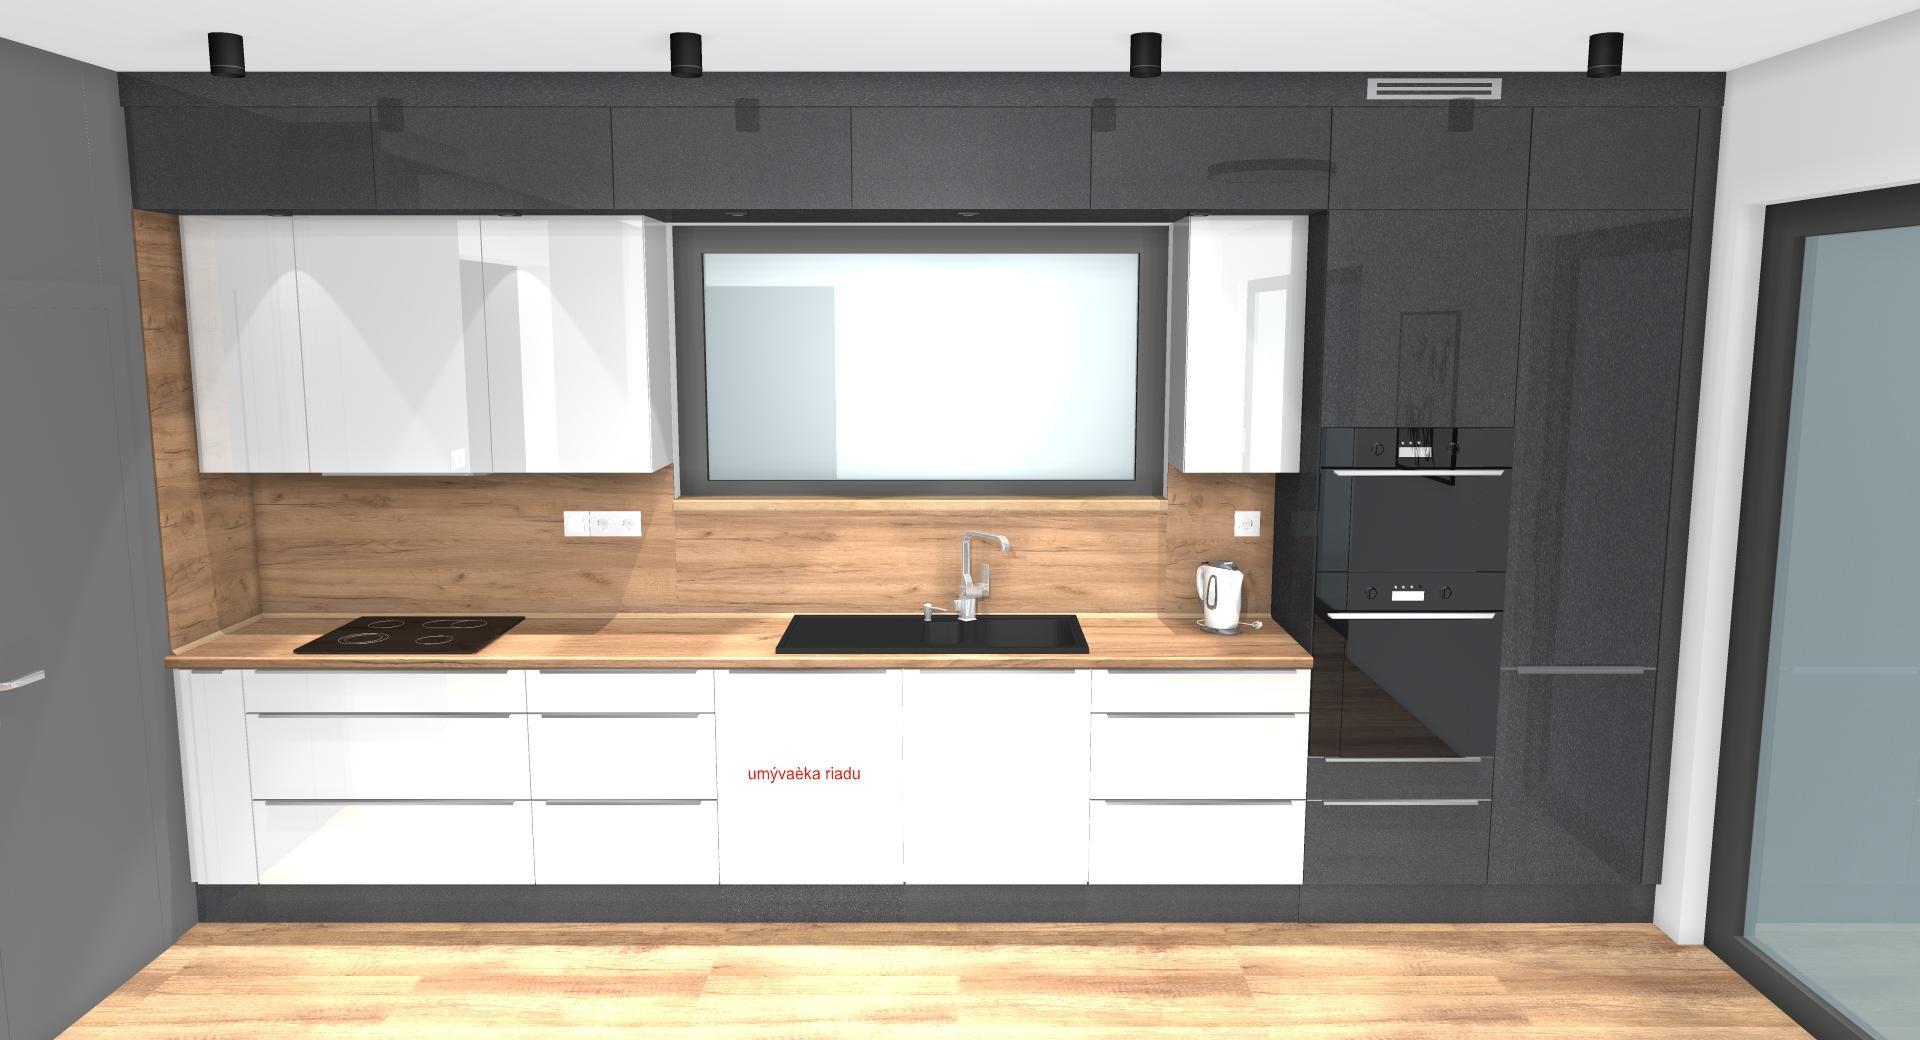 Grafické návrhy kuchynských liniek 2020 - Grafický návrh kuchynskej linky do rodinného domu v Zv - obr.4